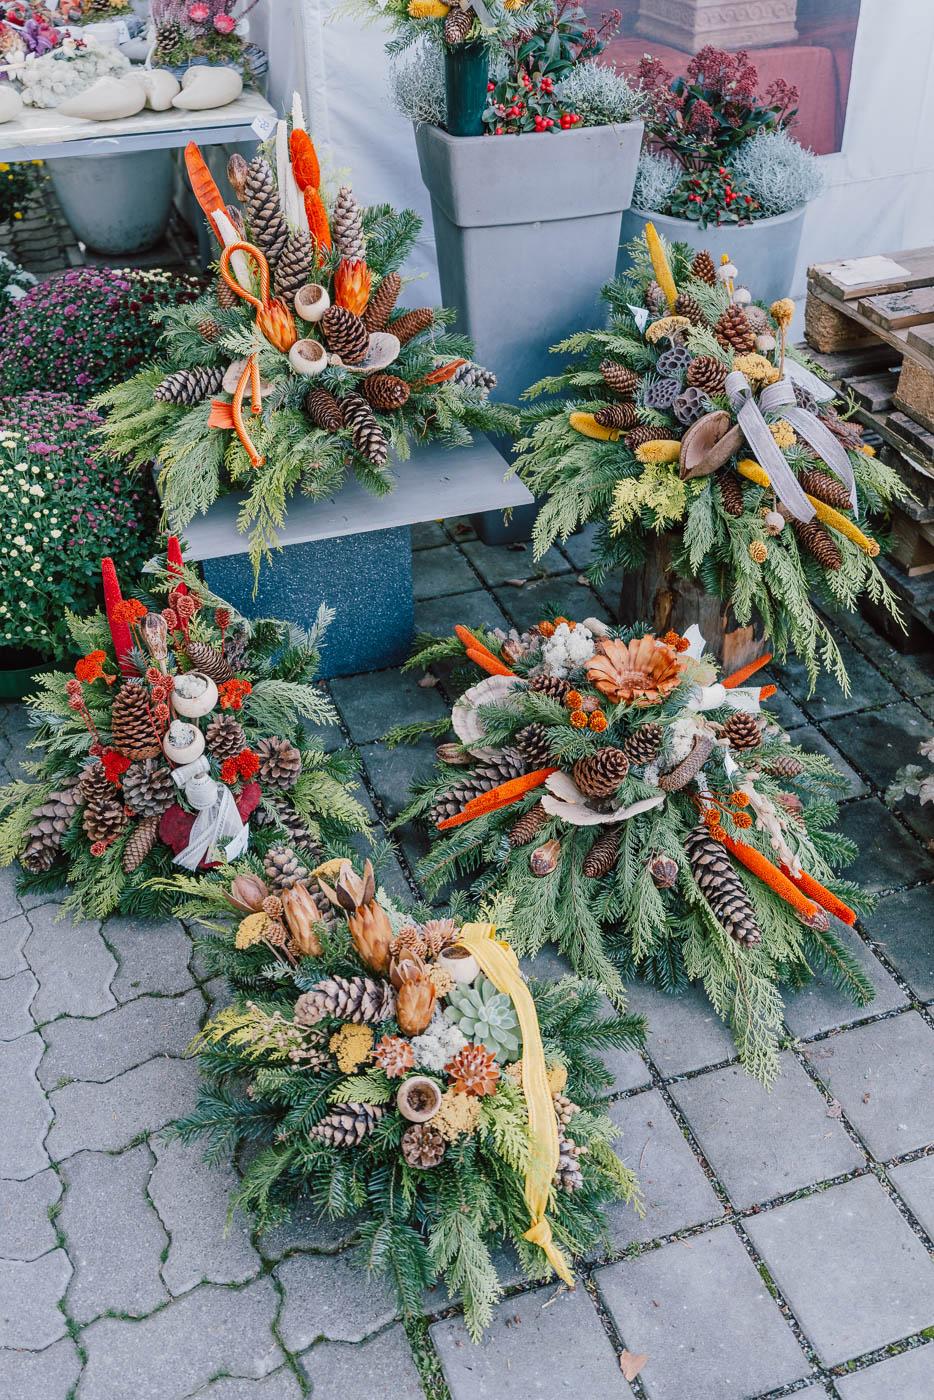 blumen-gaby-strohmeier-graz-saisonales-41